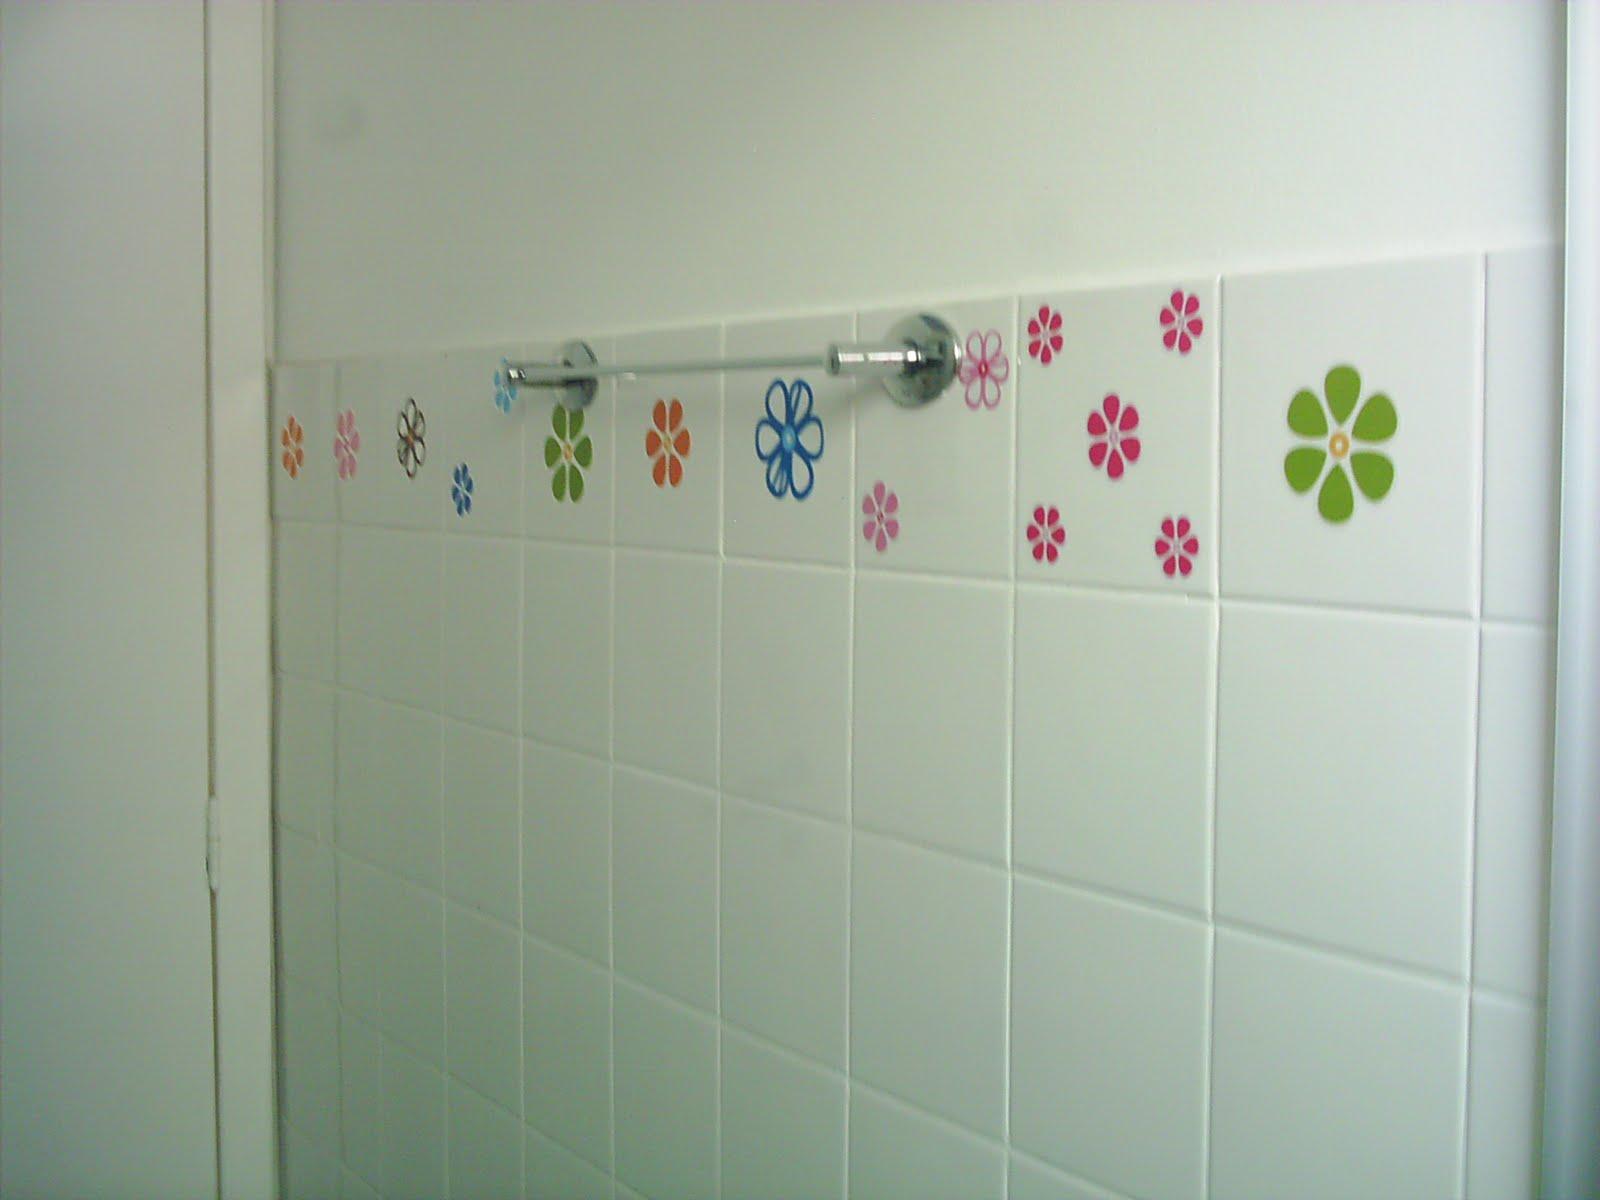 que comprei beeem baratinho no azulejo do banheiro para dar uma cor o #943738 1600x1200 Banheiro Antigo O Que Fazer